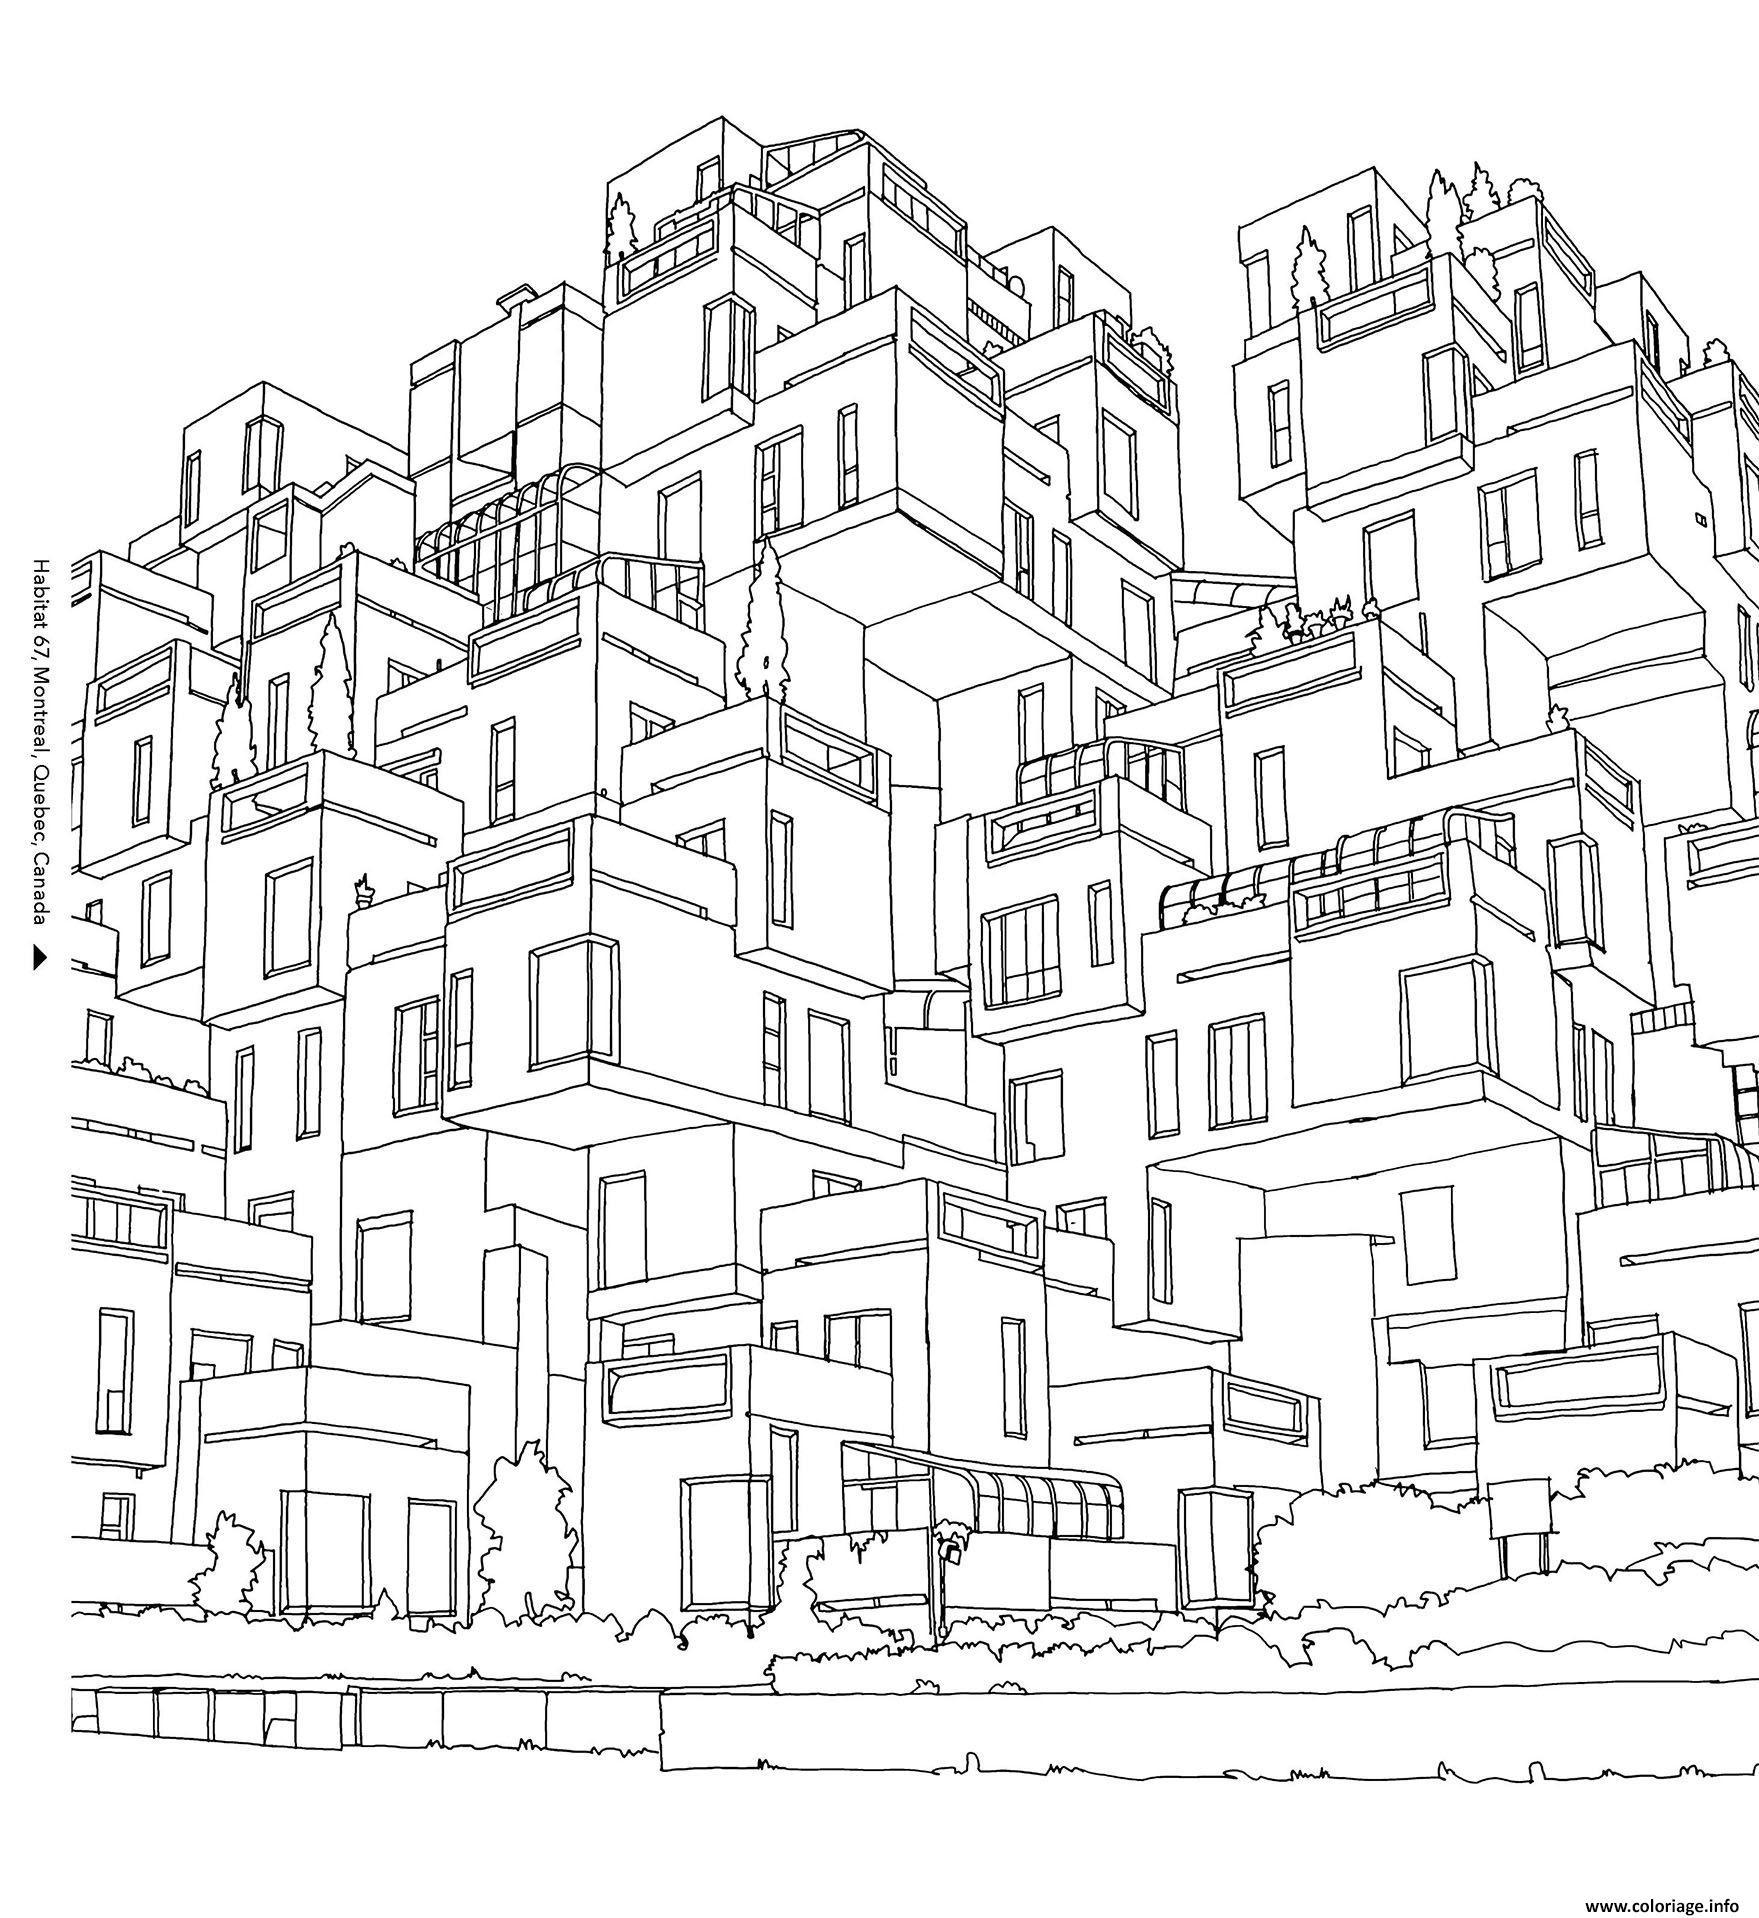 Dessin habitat 67 ville de Montreal au Qubec Canada Coloriage Gratuit à Imprimer